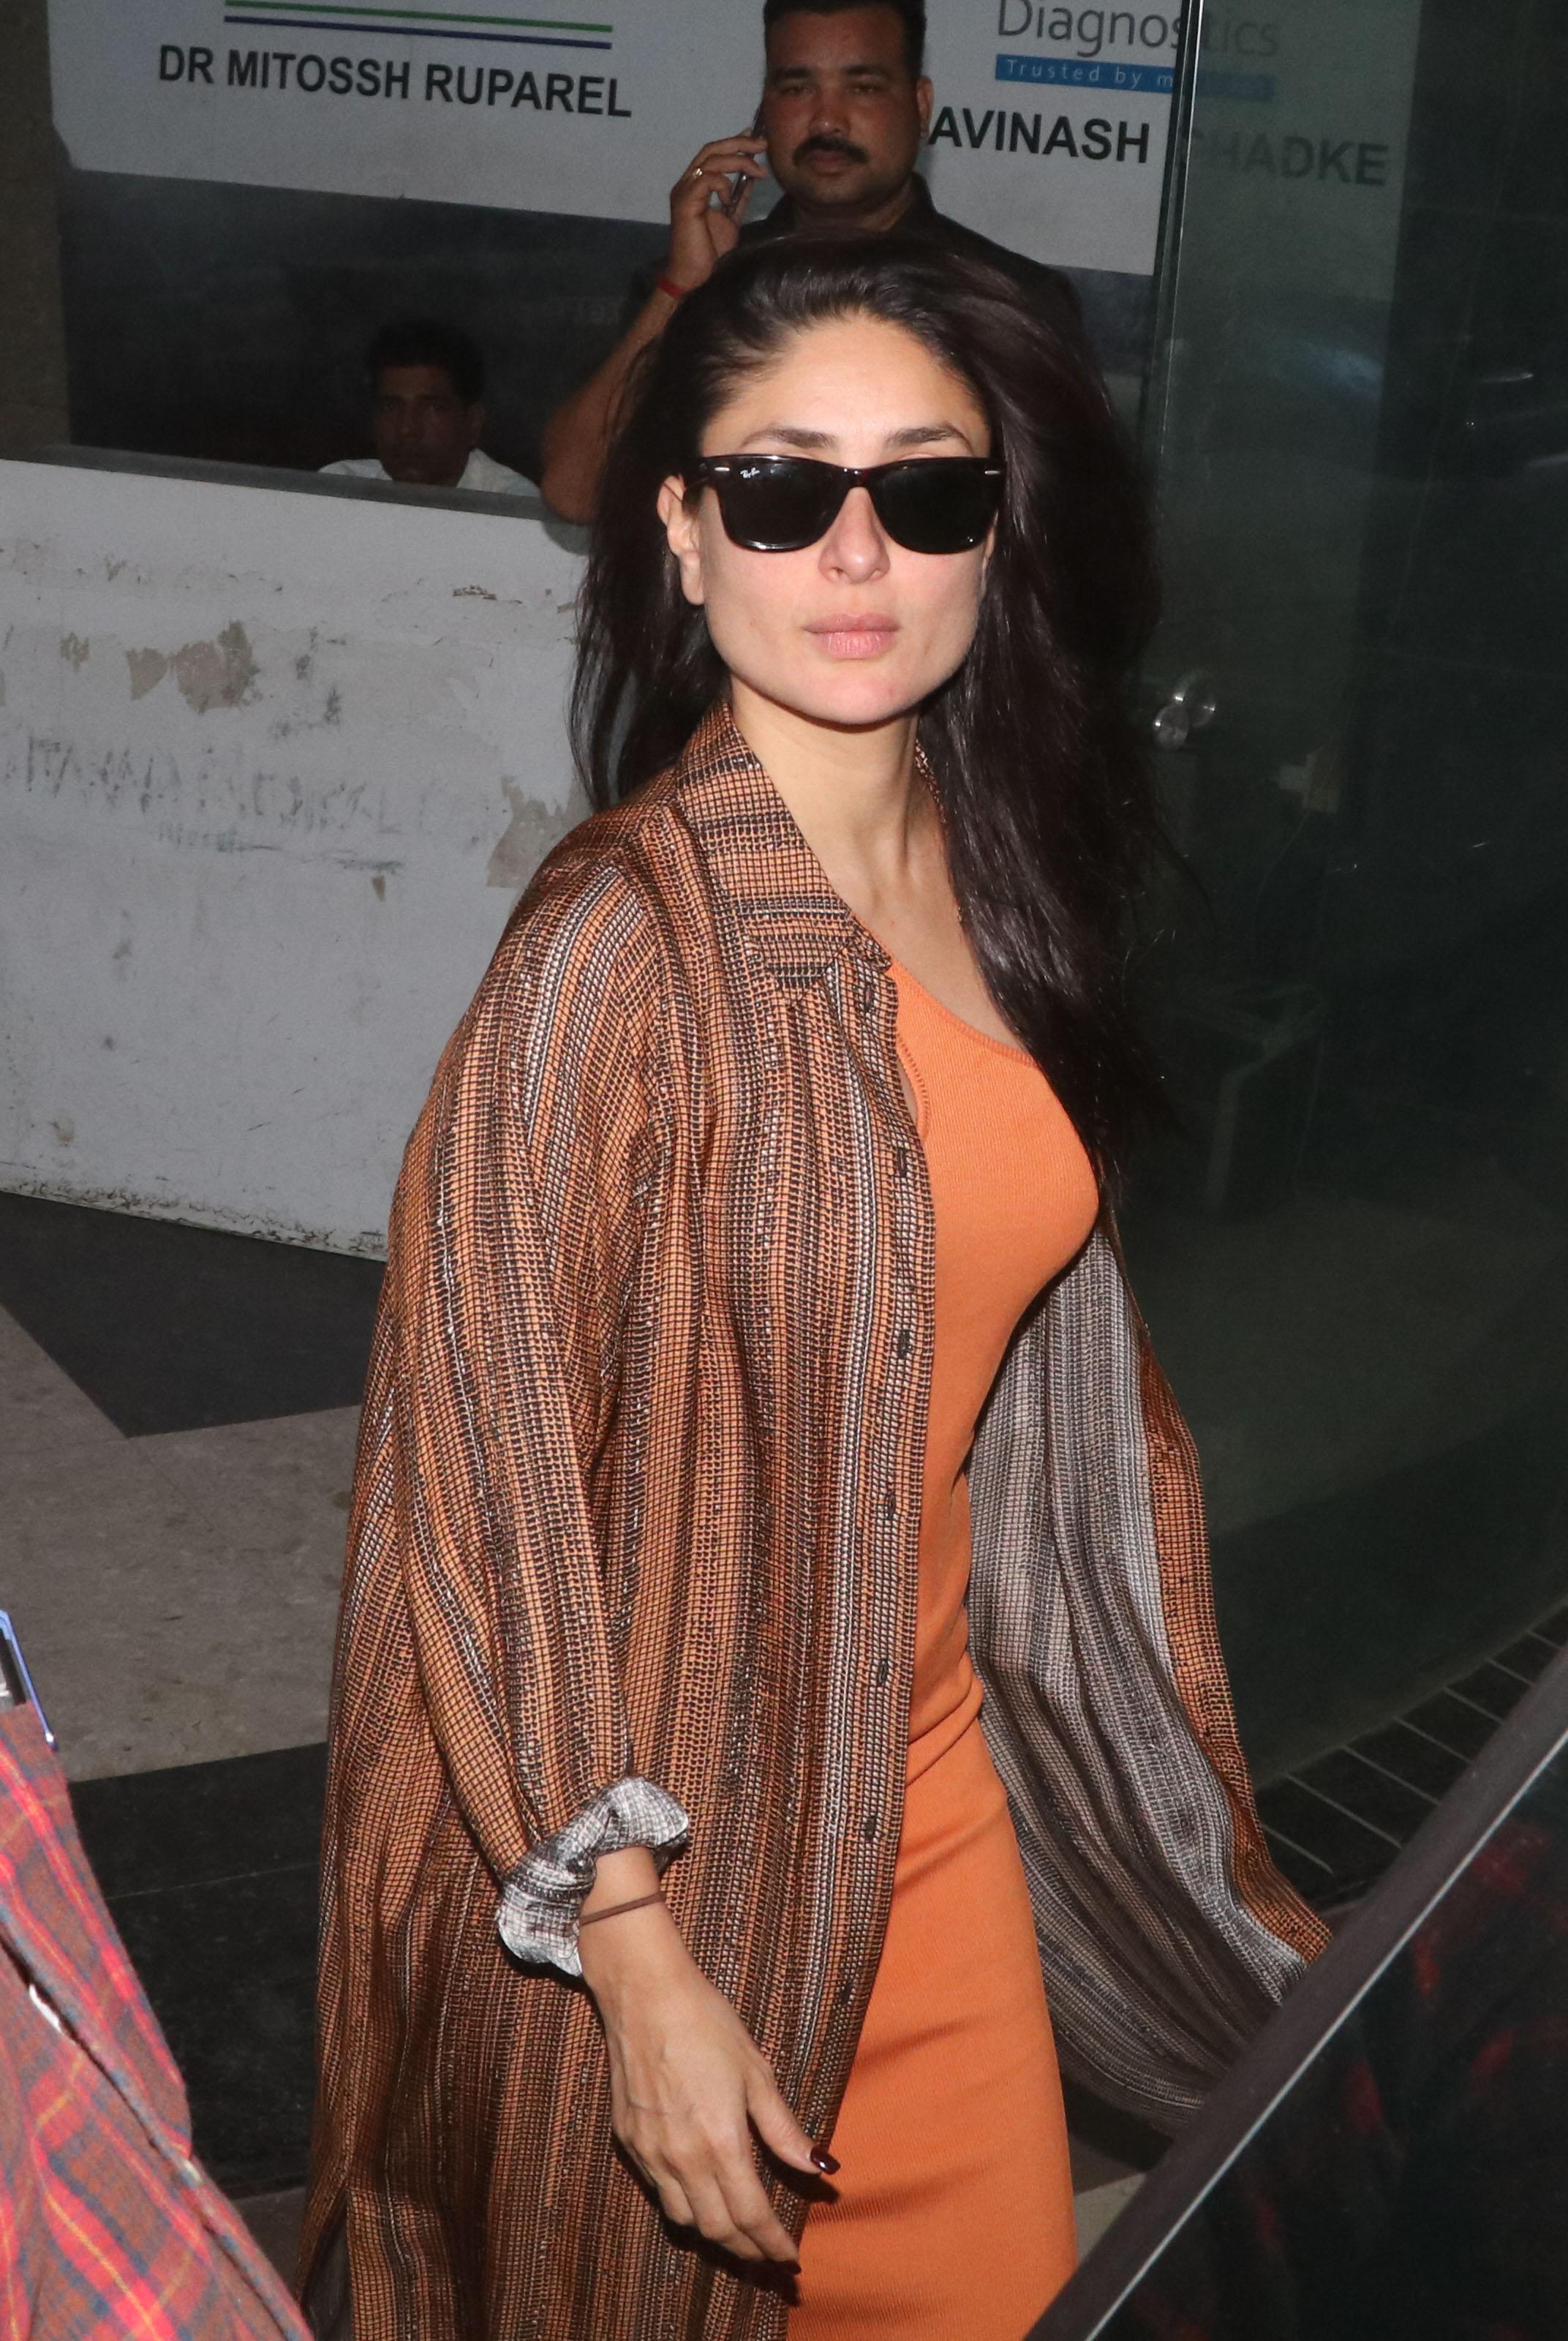 Bollywood Tadkaकरीना कपूर इमेज, करीना कपूर फोटो, करीना कपूर पिक्चर